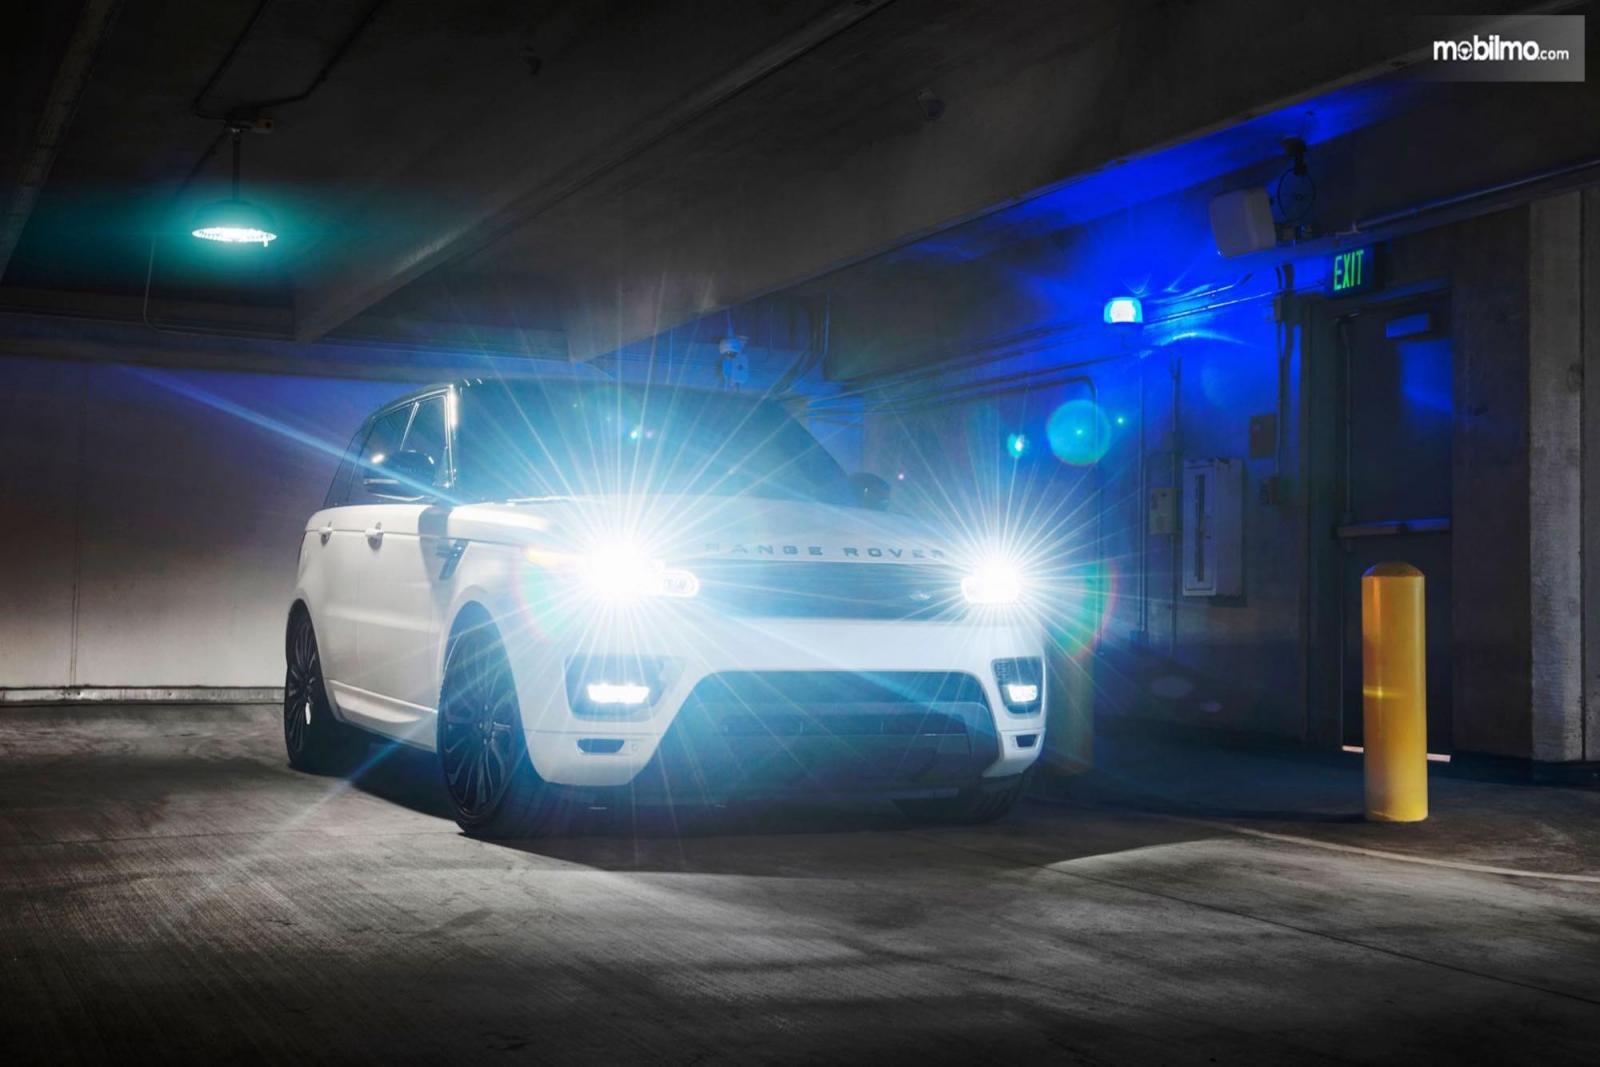 Foto menunjukkan Mobil dengan lampu bersinar